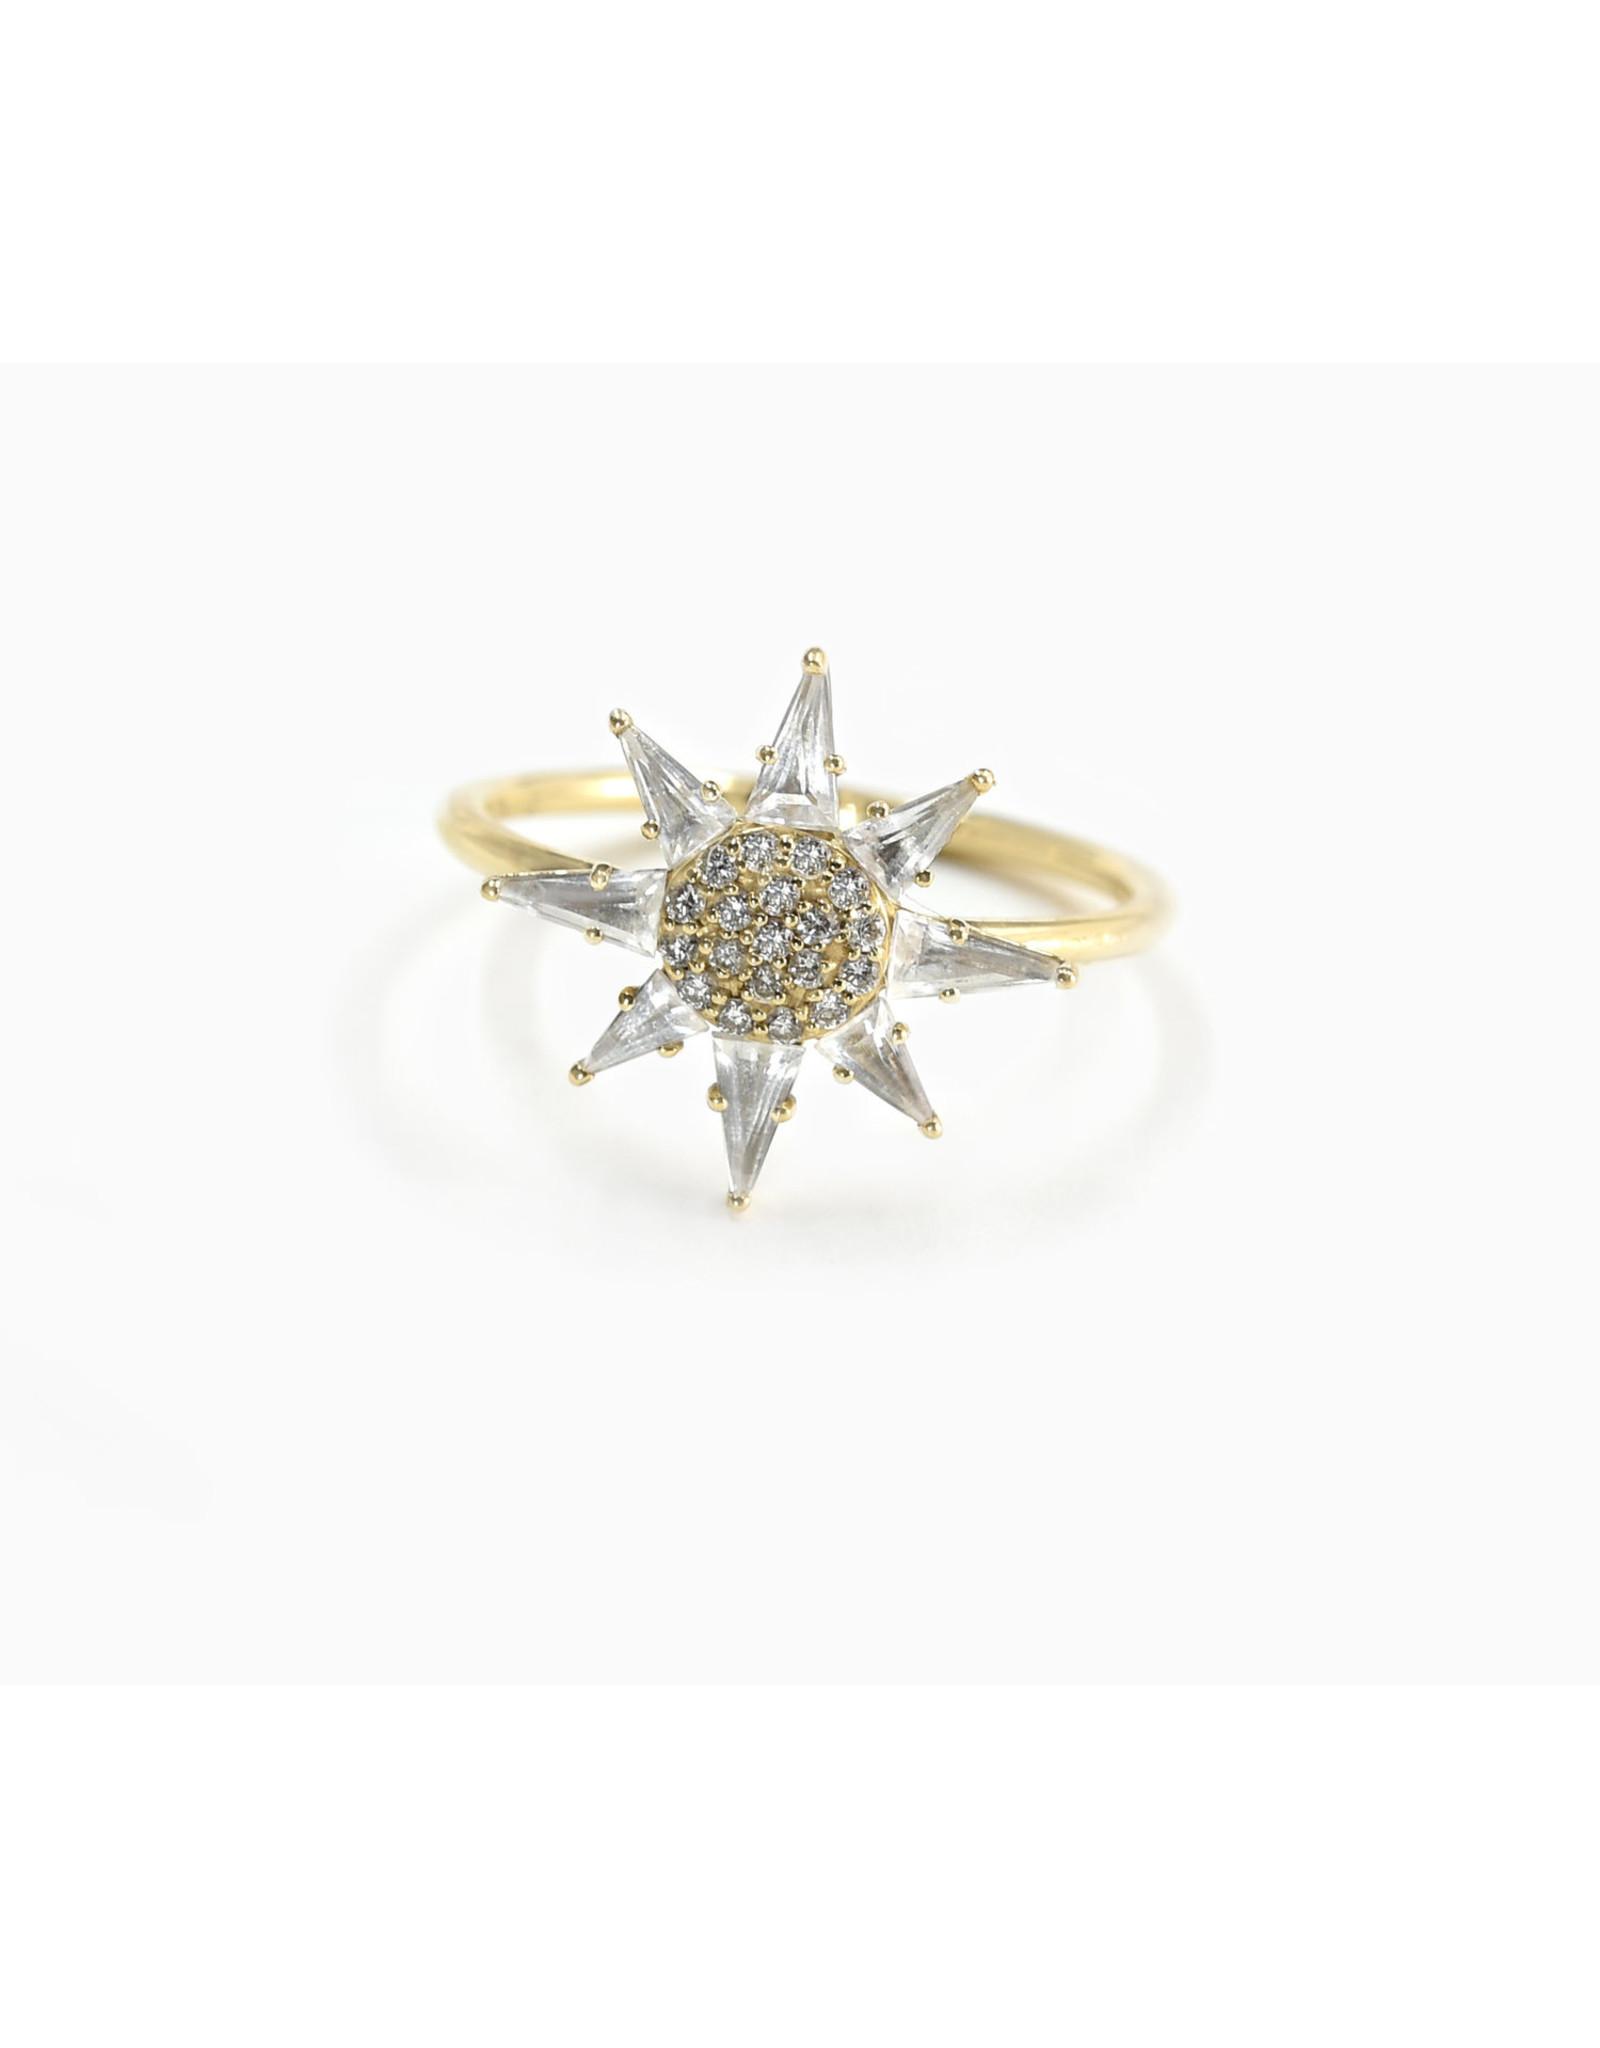 Bondeye Jewelry Bondeye Clio White Topaz Ring (Size: 6, Color: Yellow Gold / White Topaz / White Diamond)